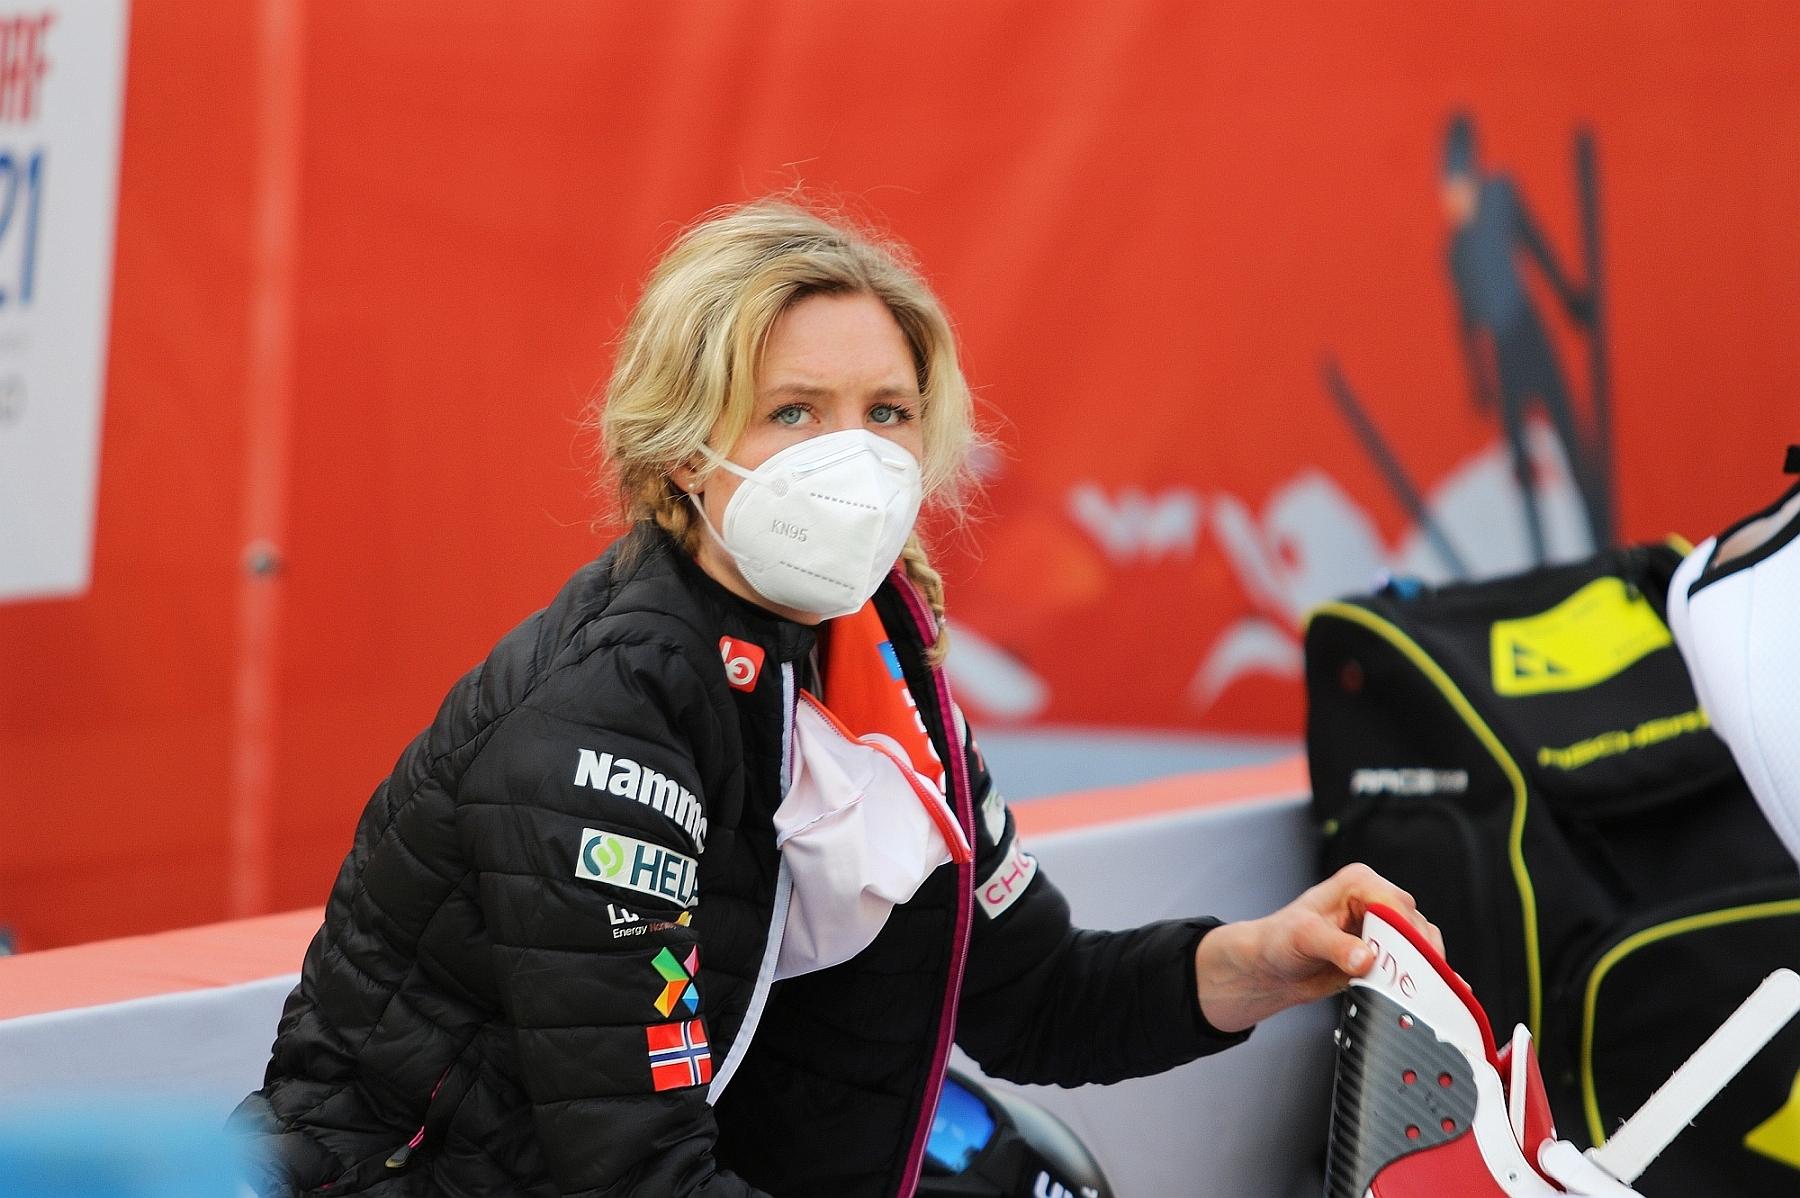 You are currently viewing Echa decyzji Maren Lundby. Zaburzenia odżywiania i waga problemem w skokach narciarskich